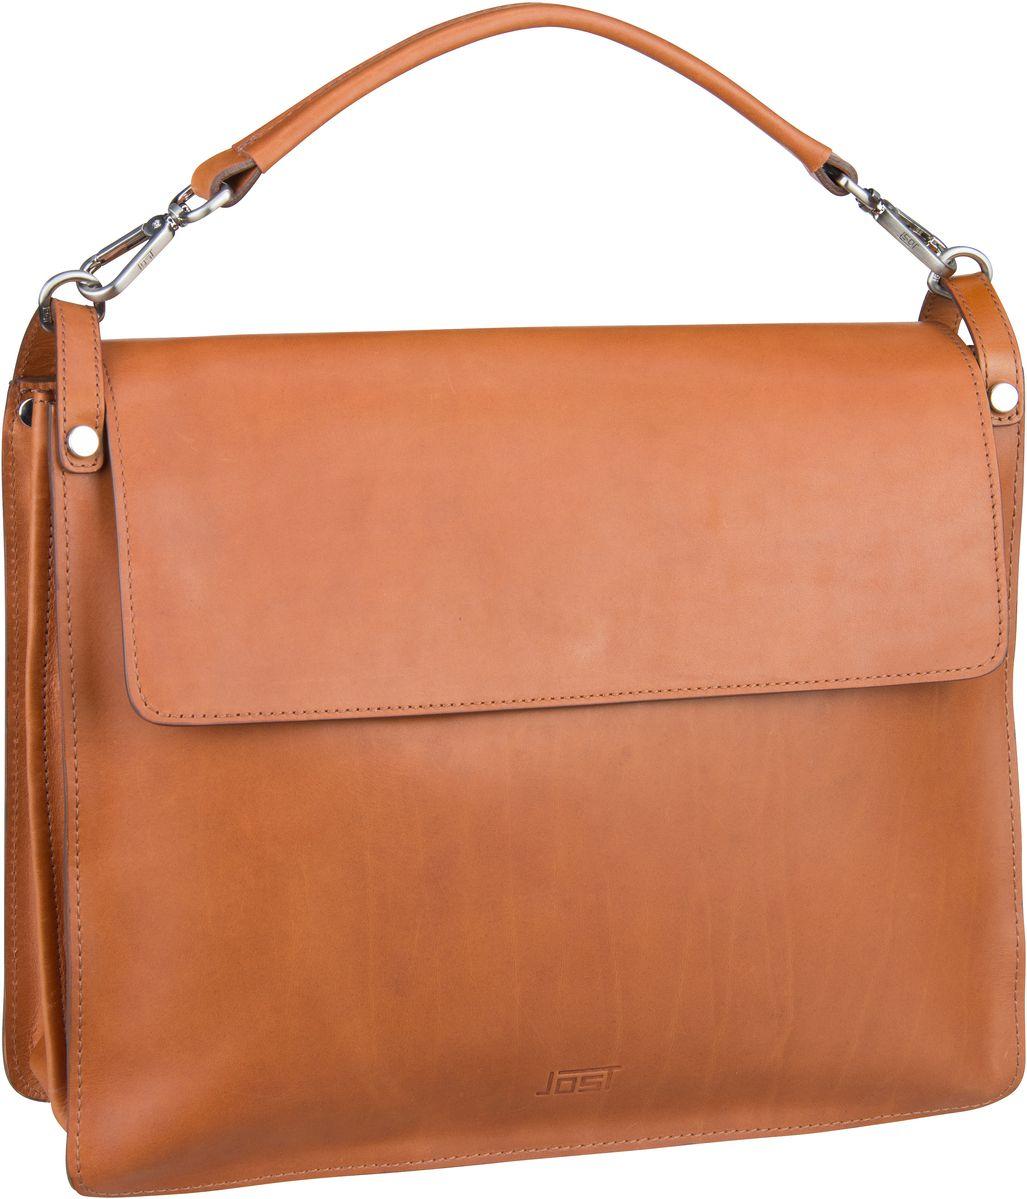 Businesstaschen für Frauen - Jost Aktentasche Rana 1226 Businesstasche Cognac  - Onlineshop Taschenkaufhaus